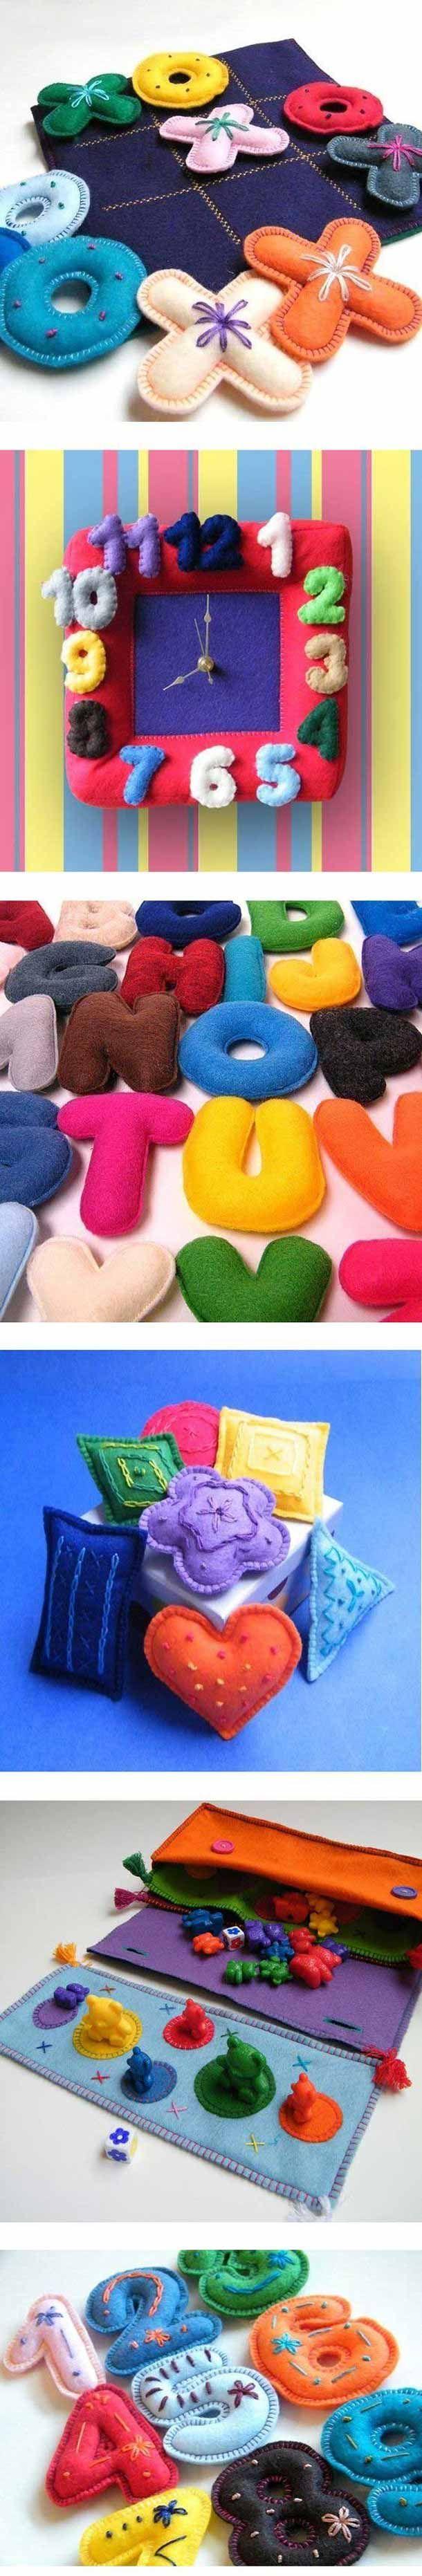 30 Brinquedos de Feltro e Tecido Educativos para Bebês!